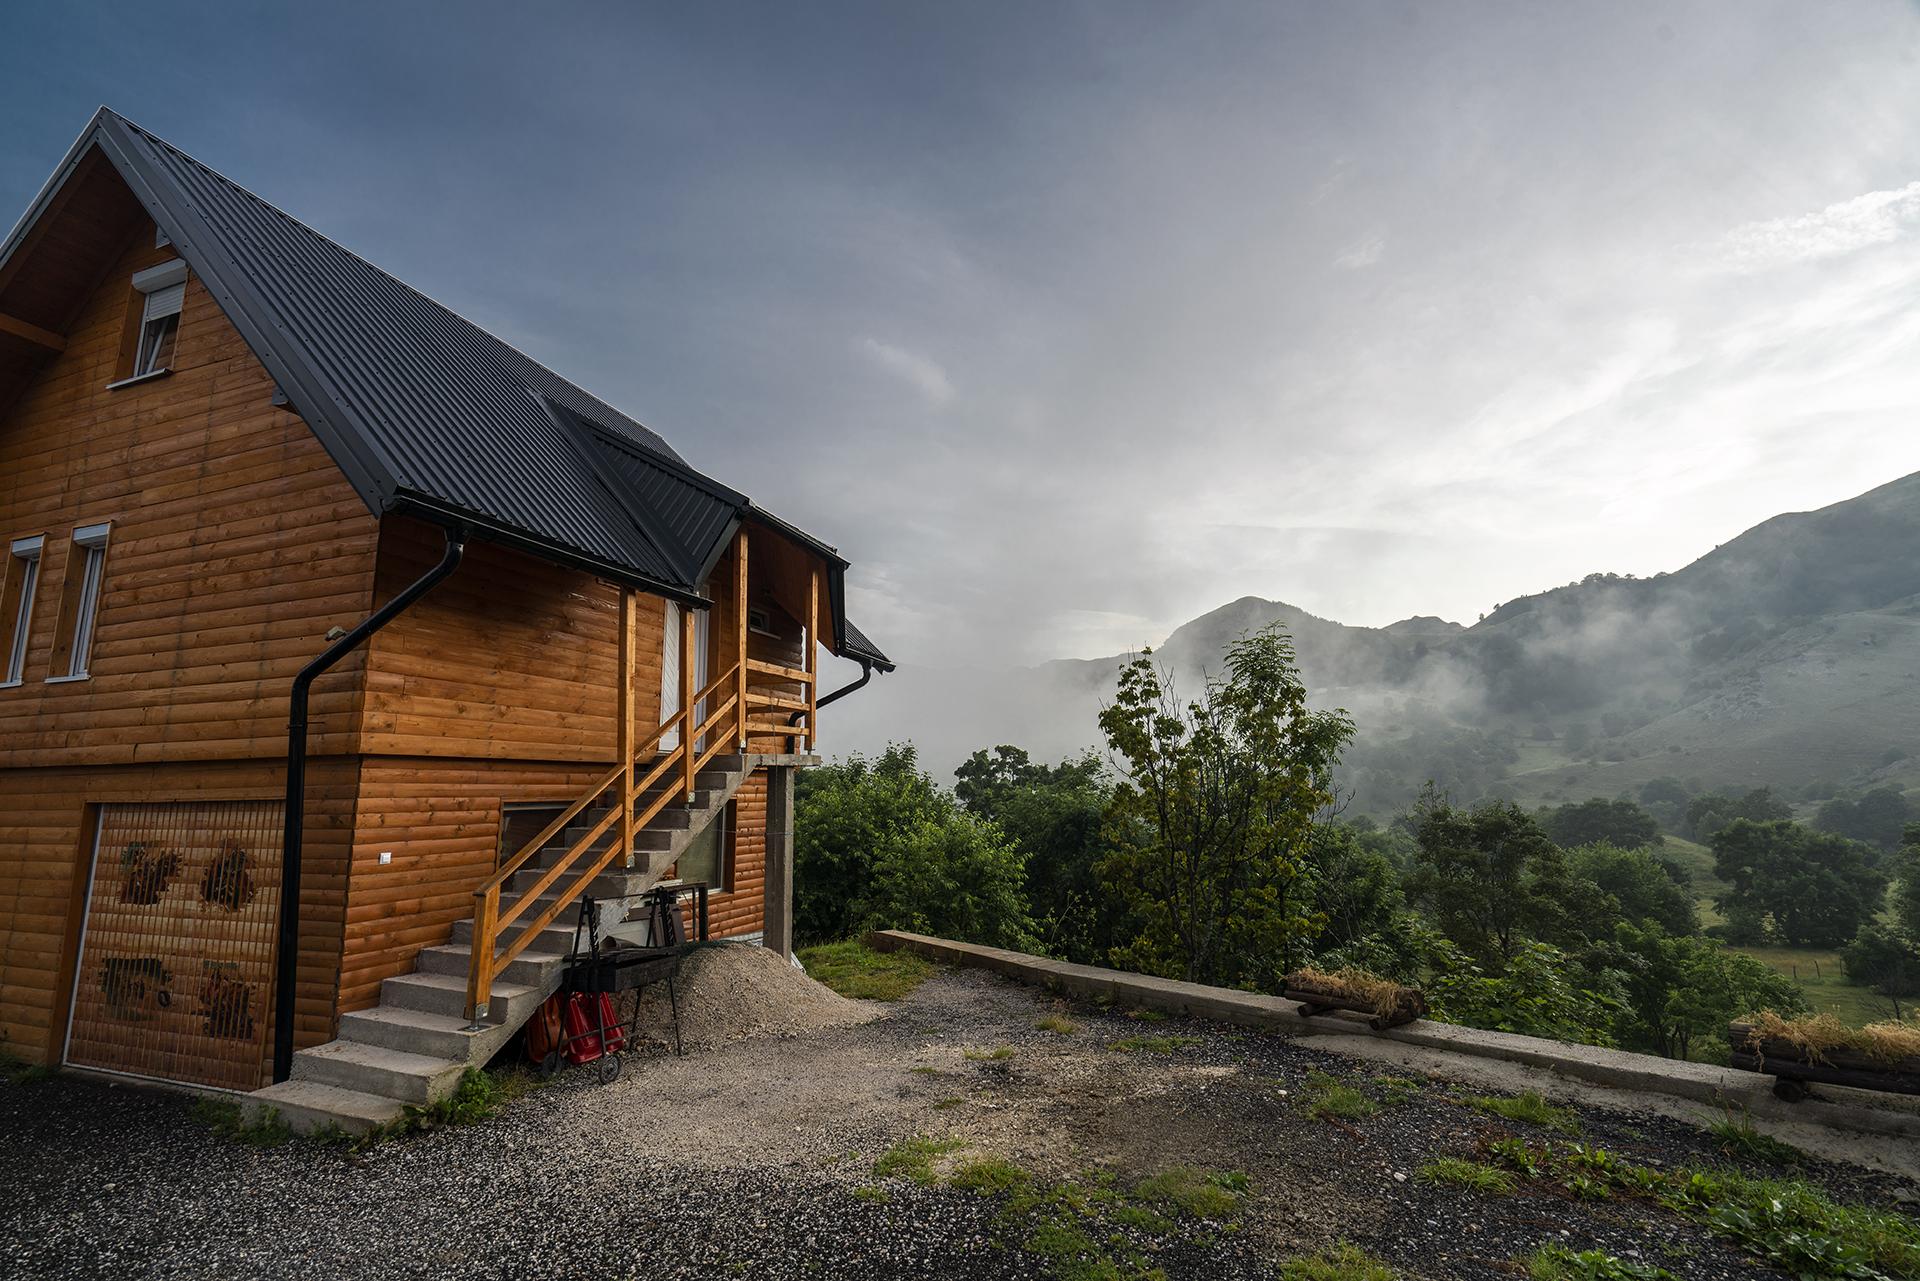 Cozy mountain hut in Umoljani